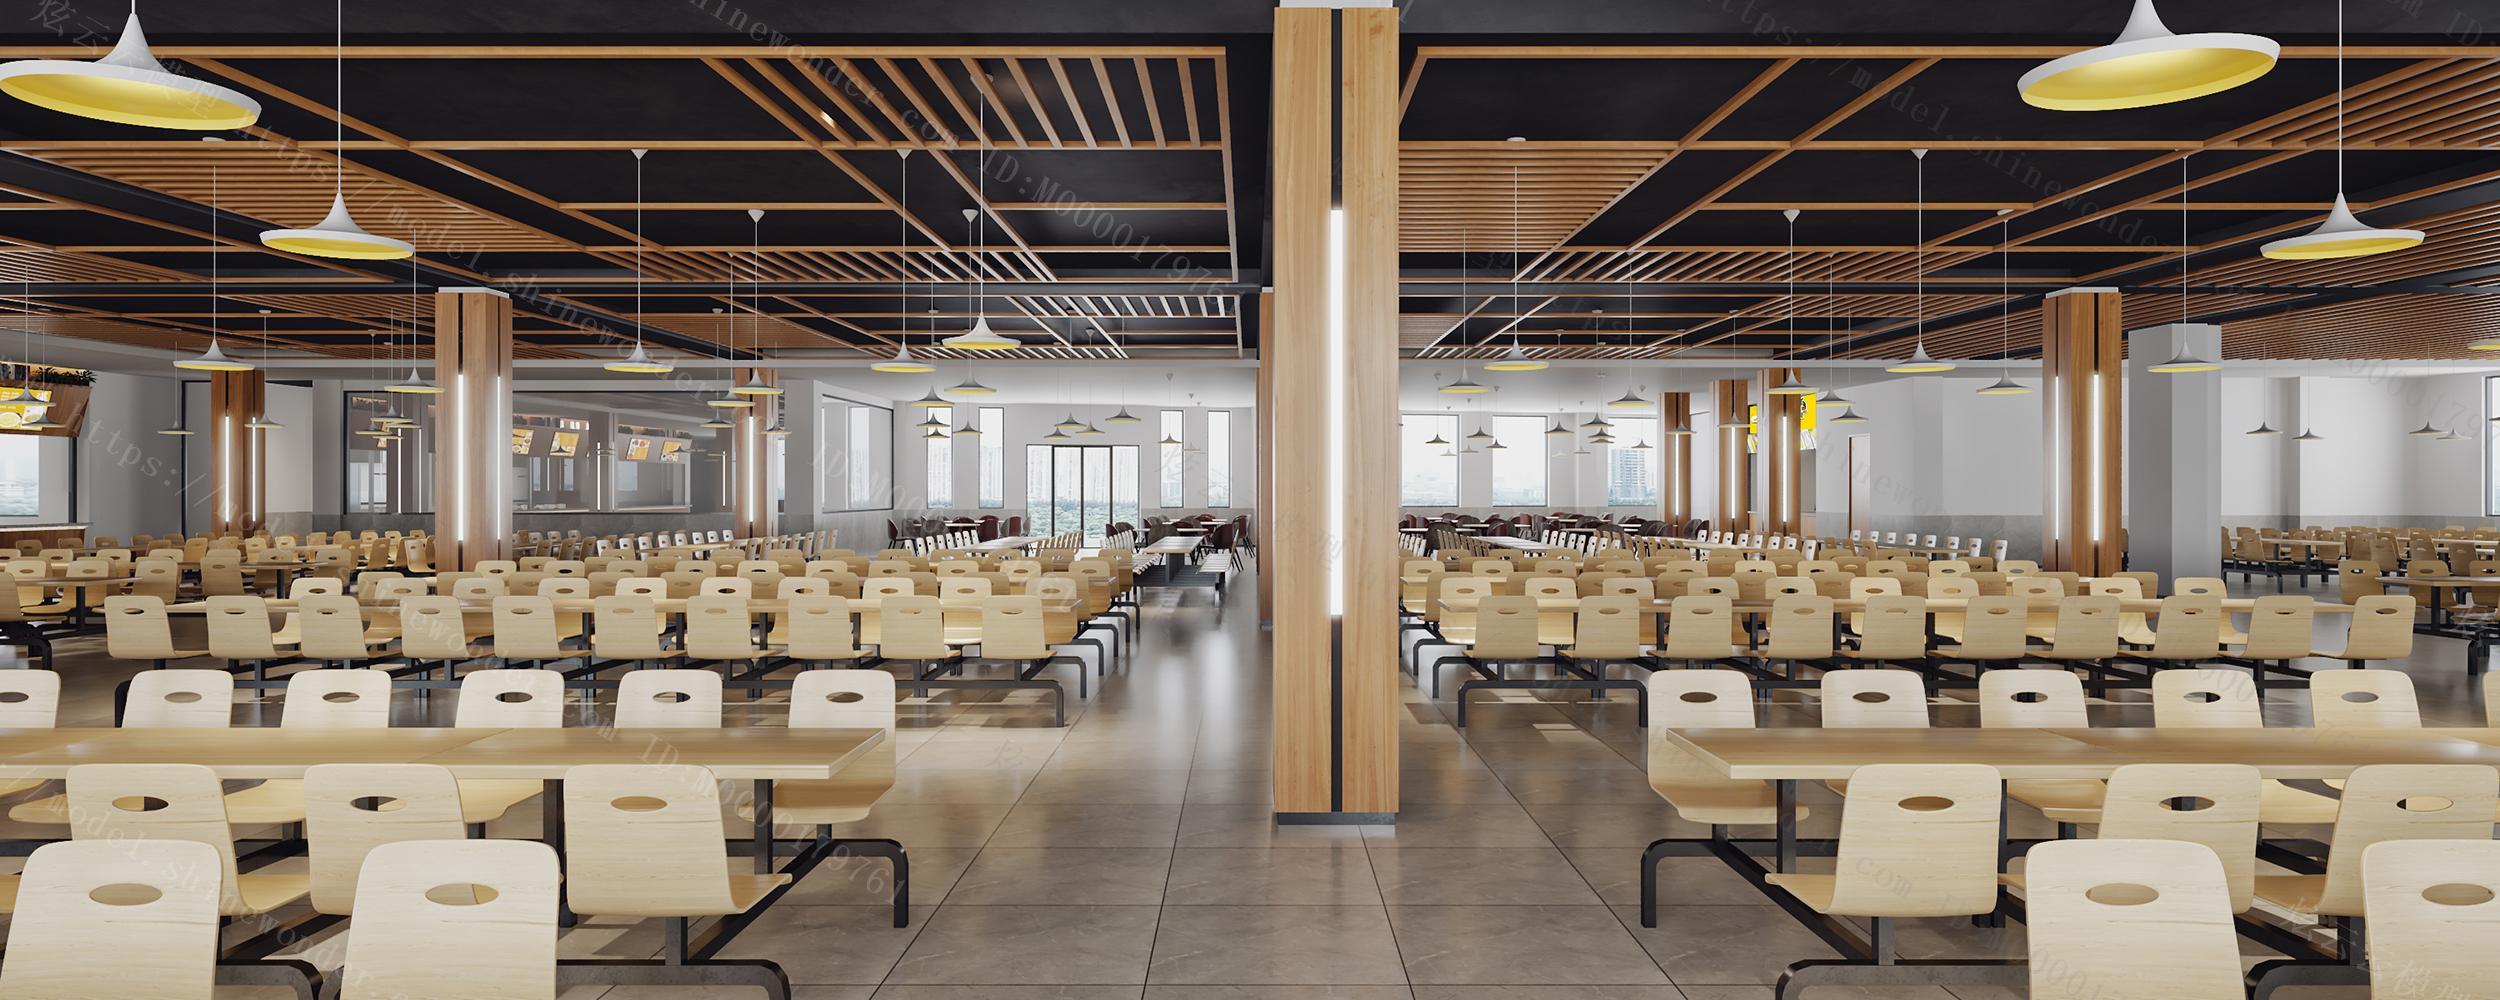 现代学校自助食堂模型